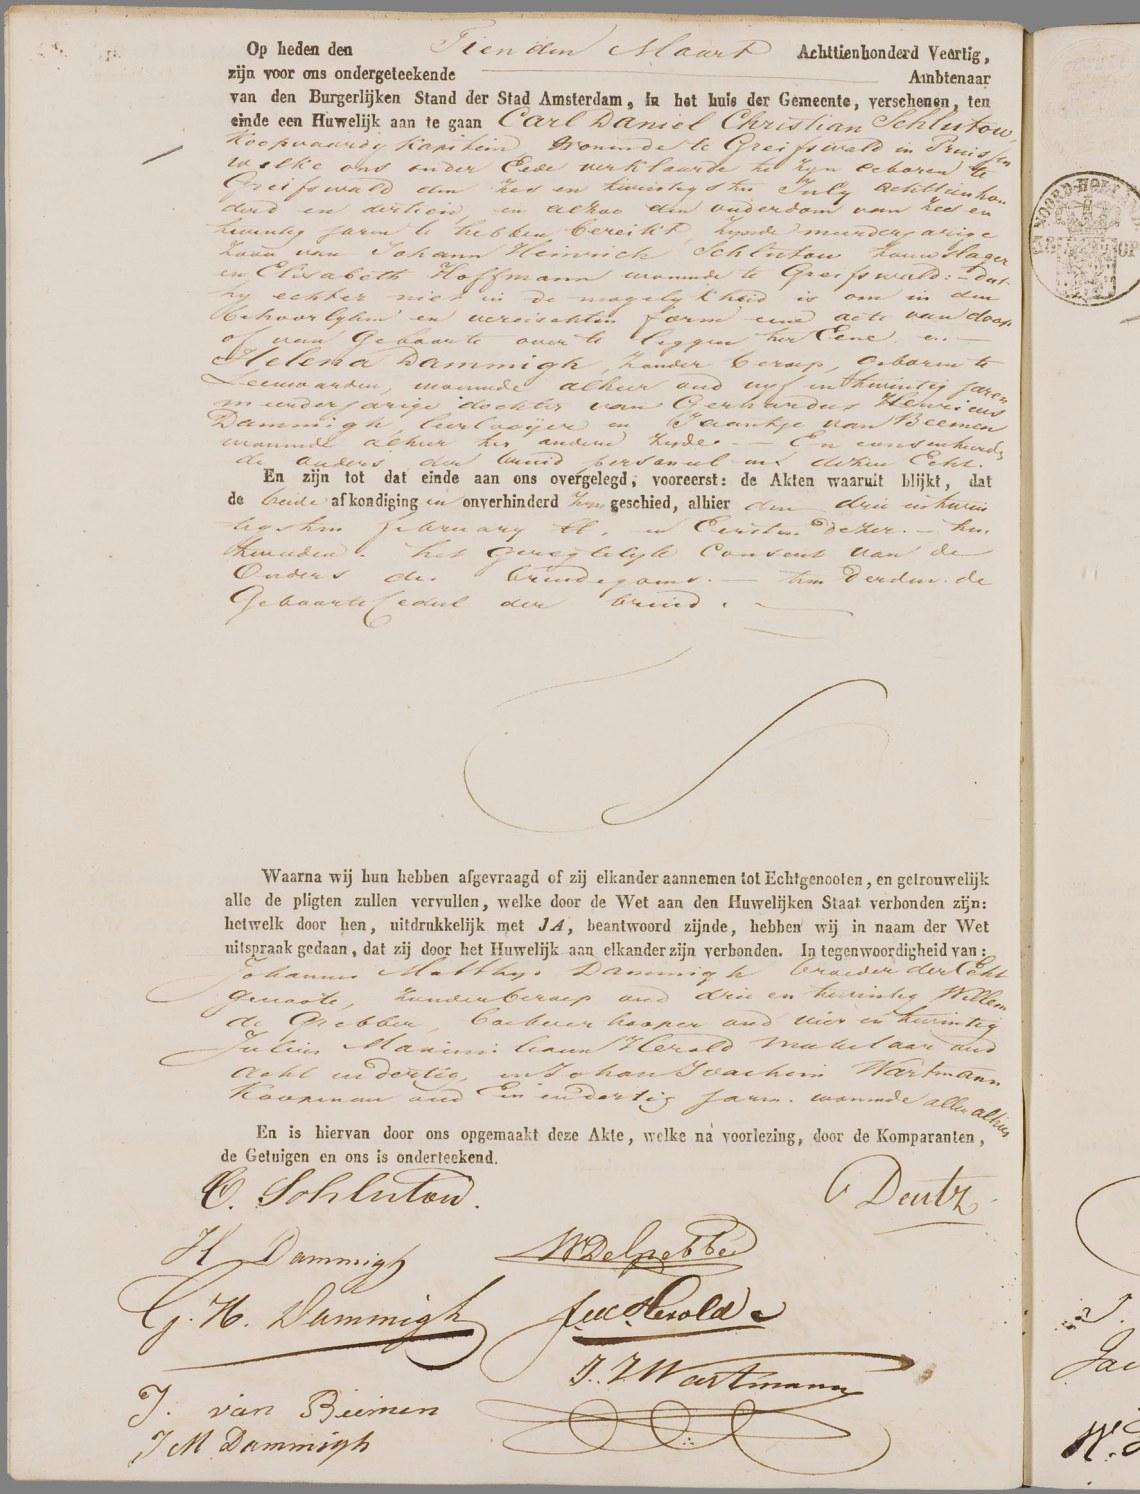 7. 1840 10-03 huwelijksakte Schlutow Dammigh